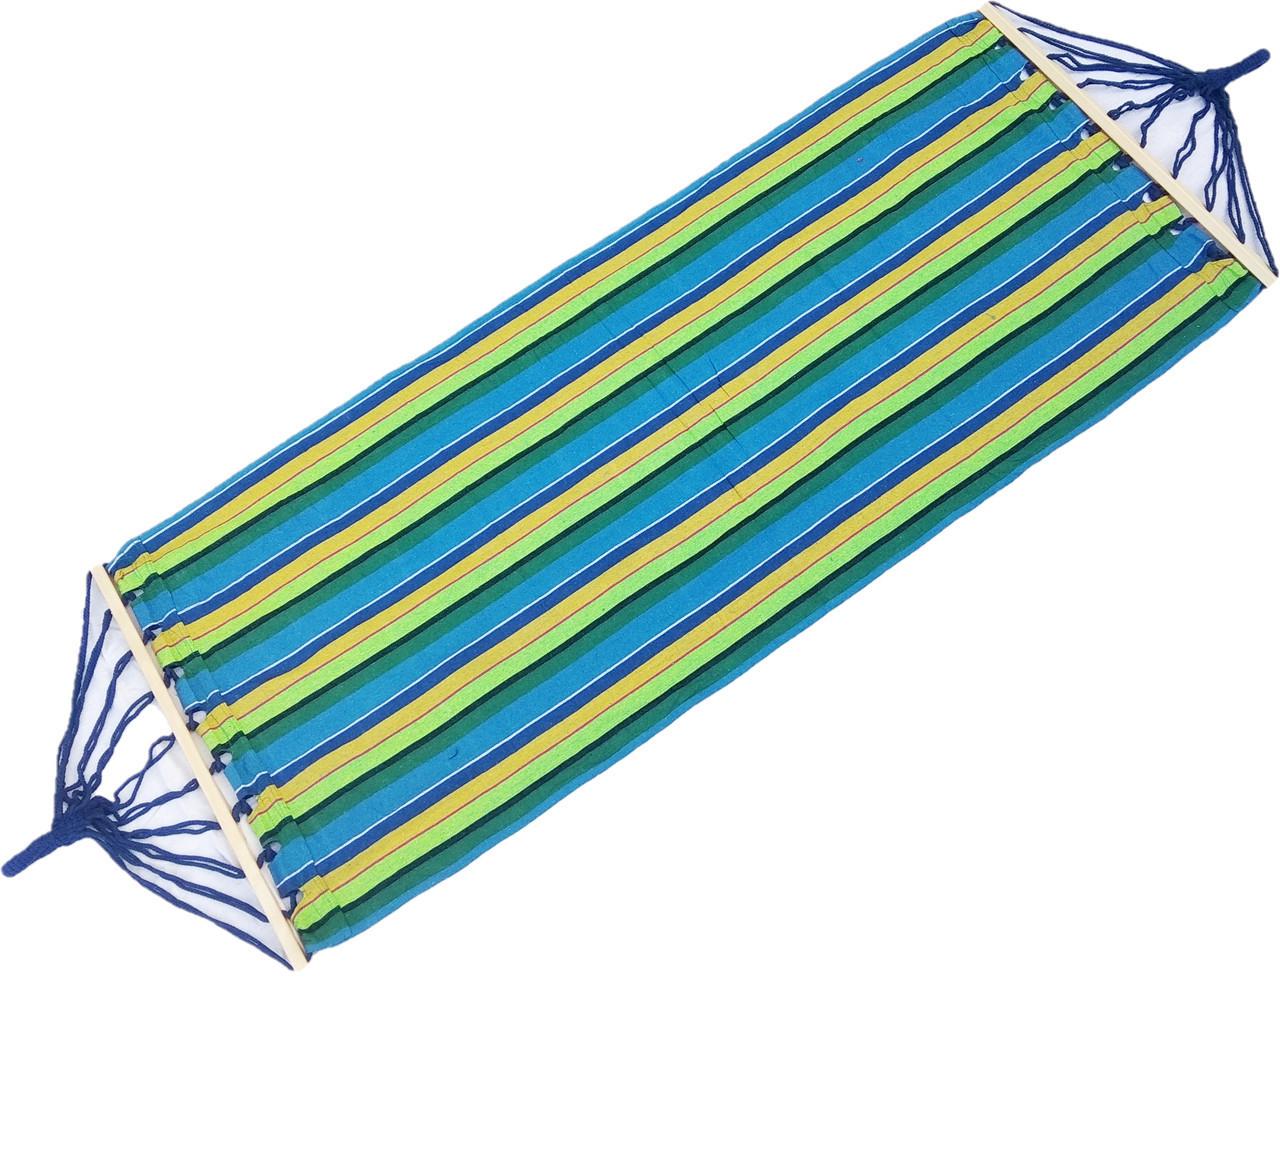 Гамак тканевый с деревянными планками перекладинами 80 см лежак 200*80 с рюкзачком.Сине-Зеленый Сине зелёный